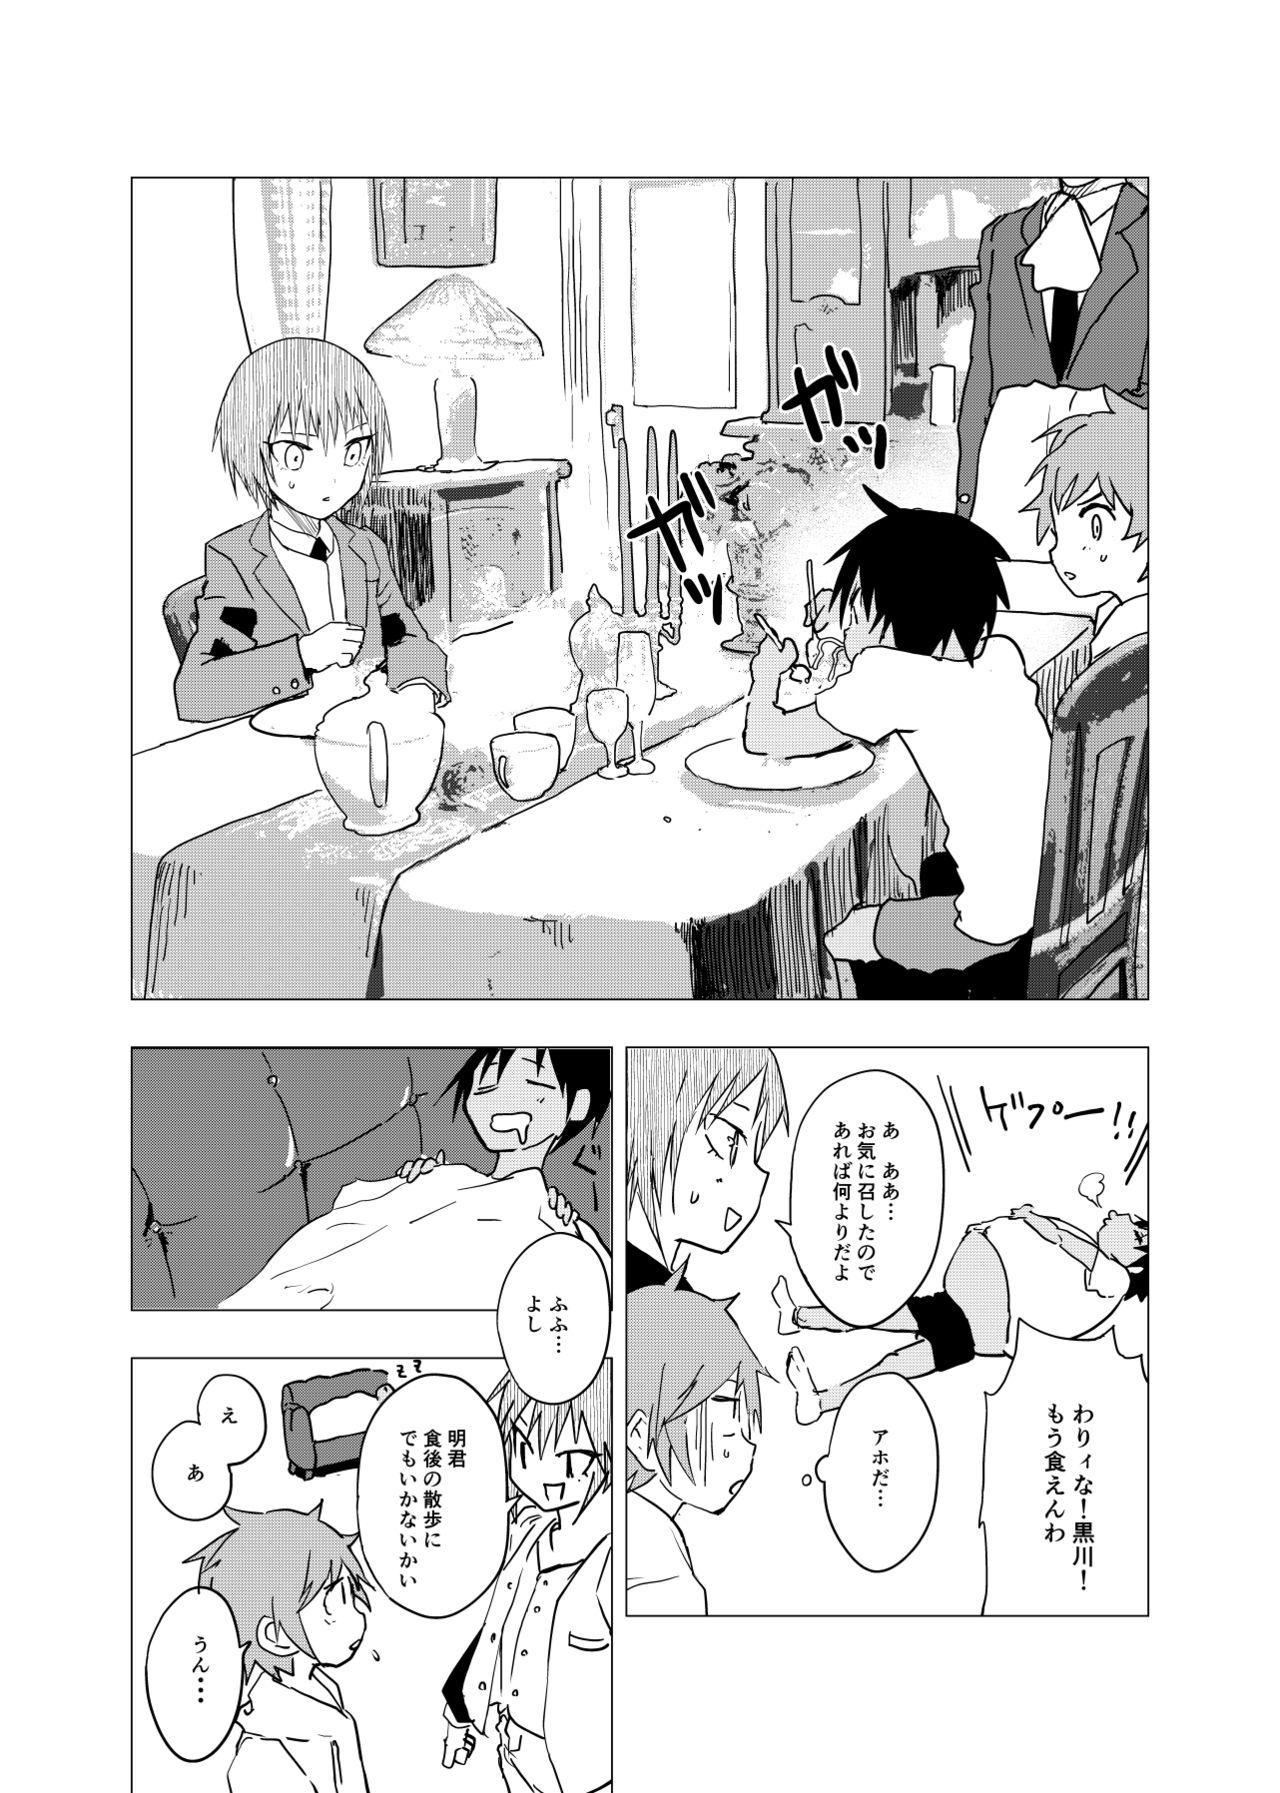 Inaka no Uke Shounen to Tokai no Seme Shounen no Ero Manga 1-6 117